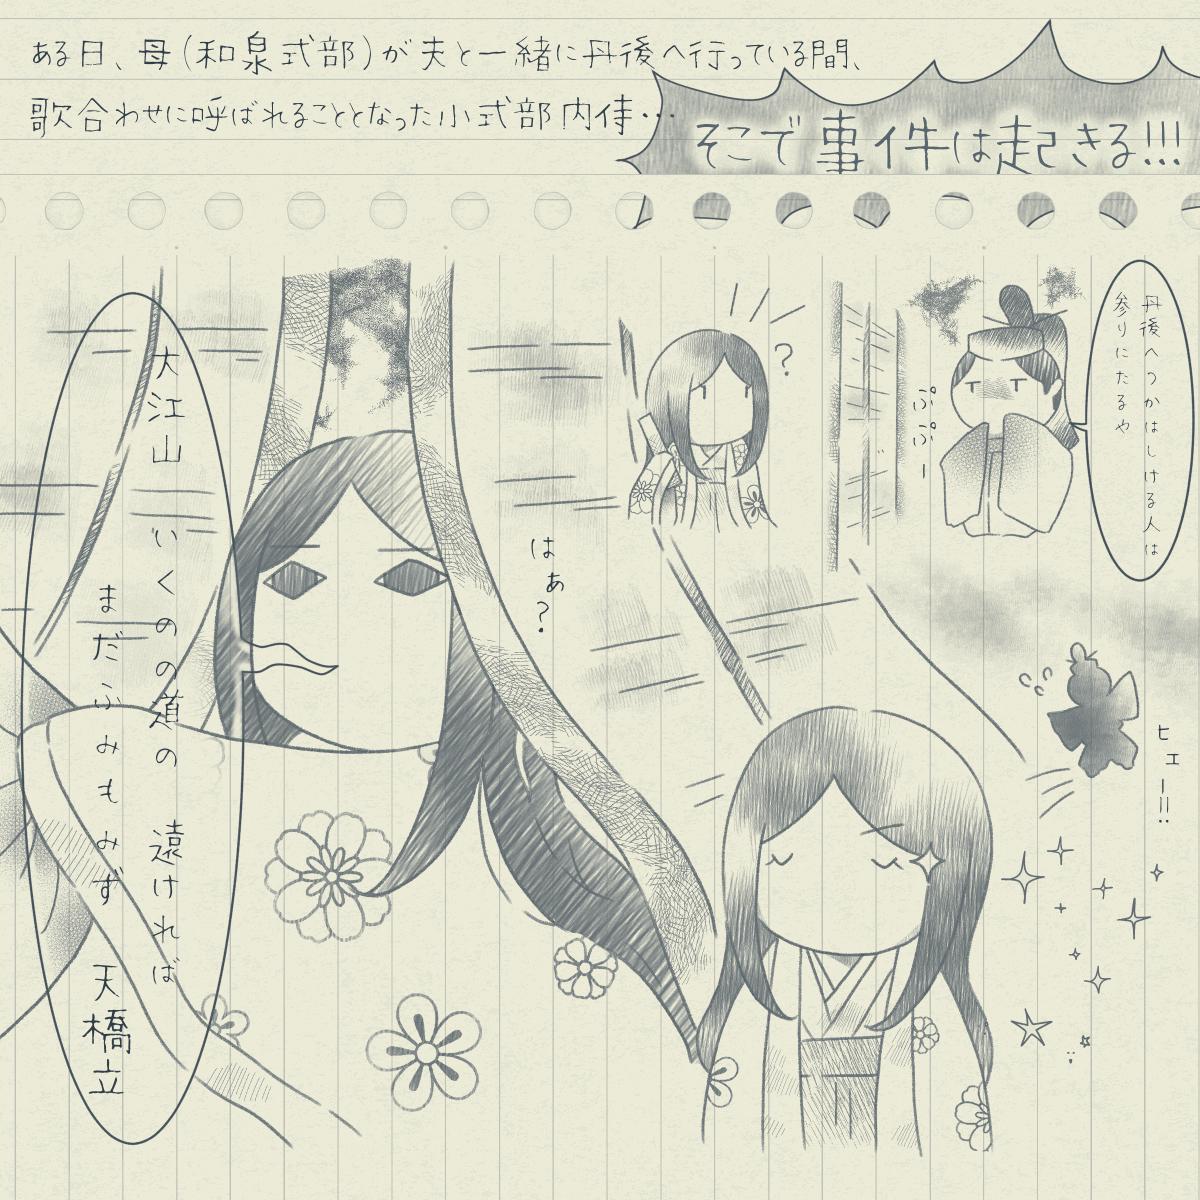 古今著聞集 小式部内侍が大江山の歌の事 あらすじ